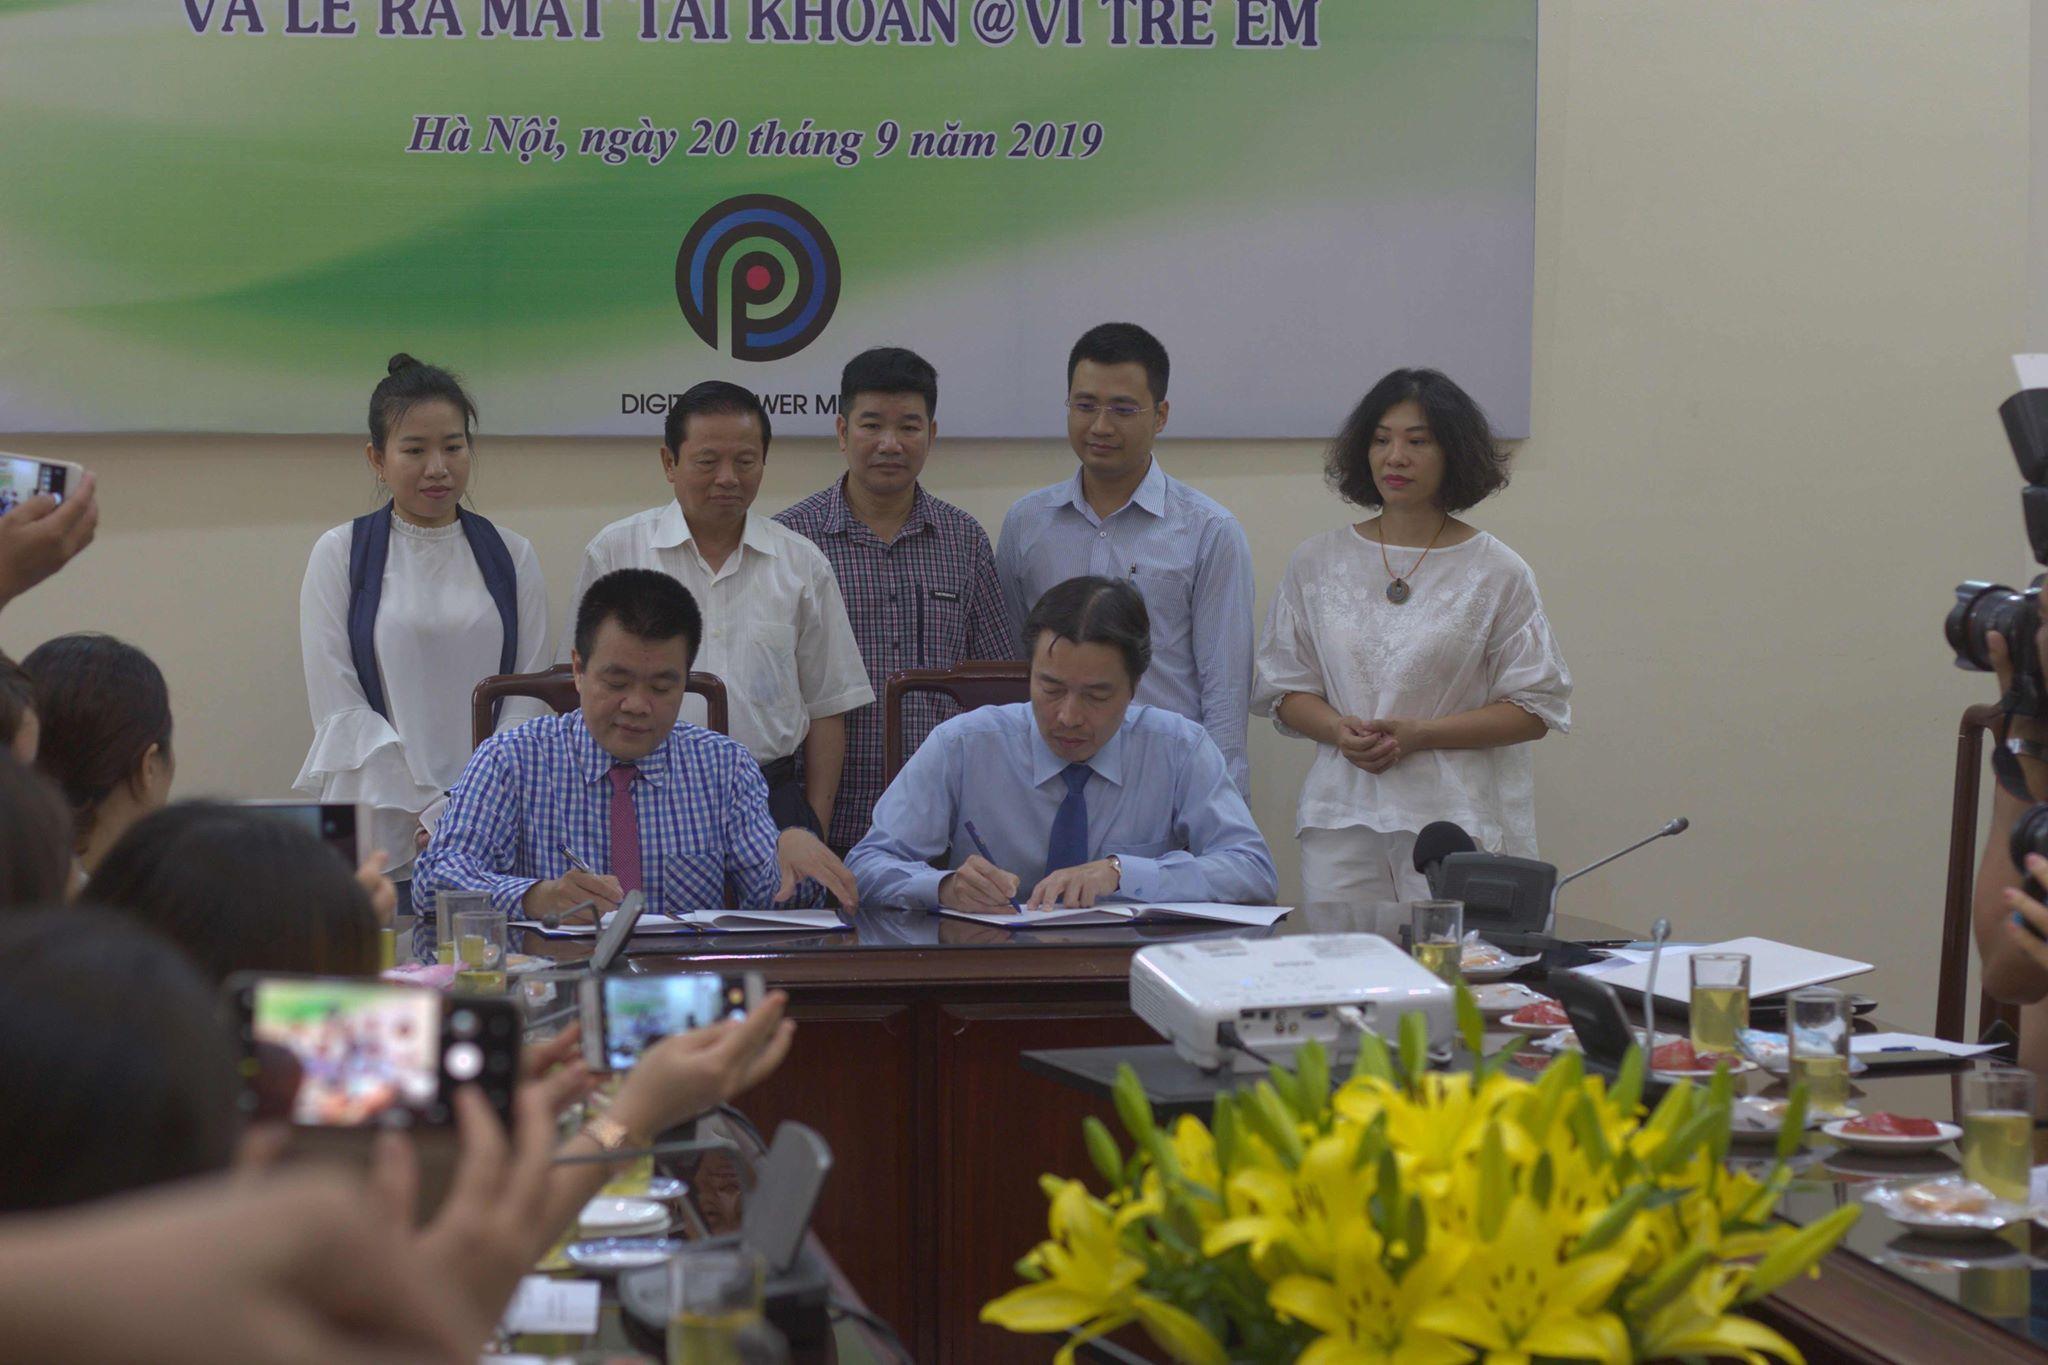 Cục trẻ em mở kênh tuyên truyền bảo vệ trẻ em trên Tik Tok